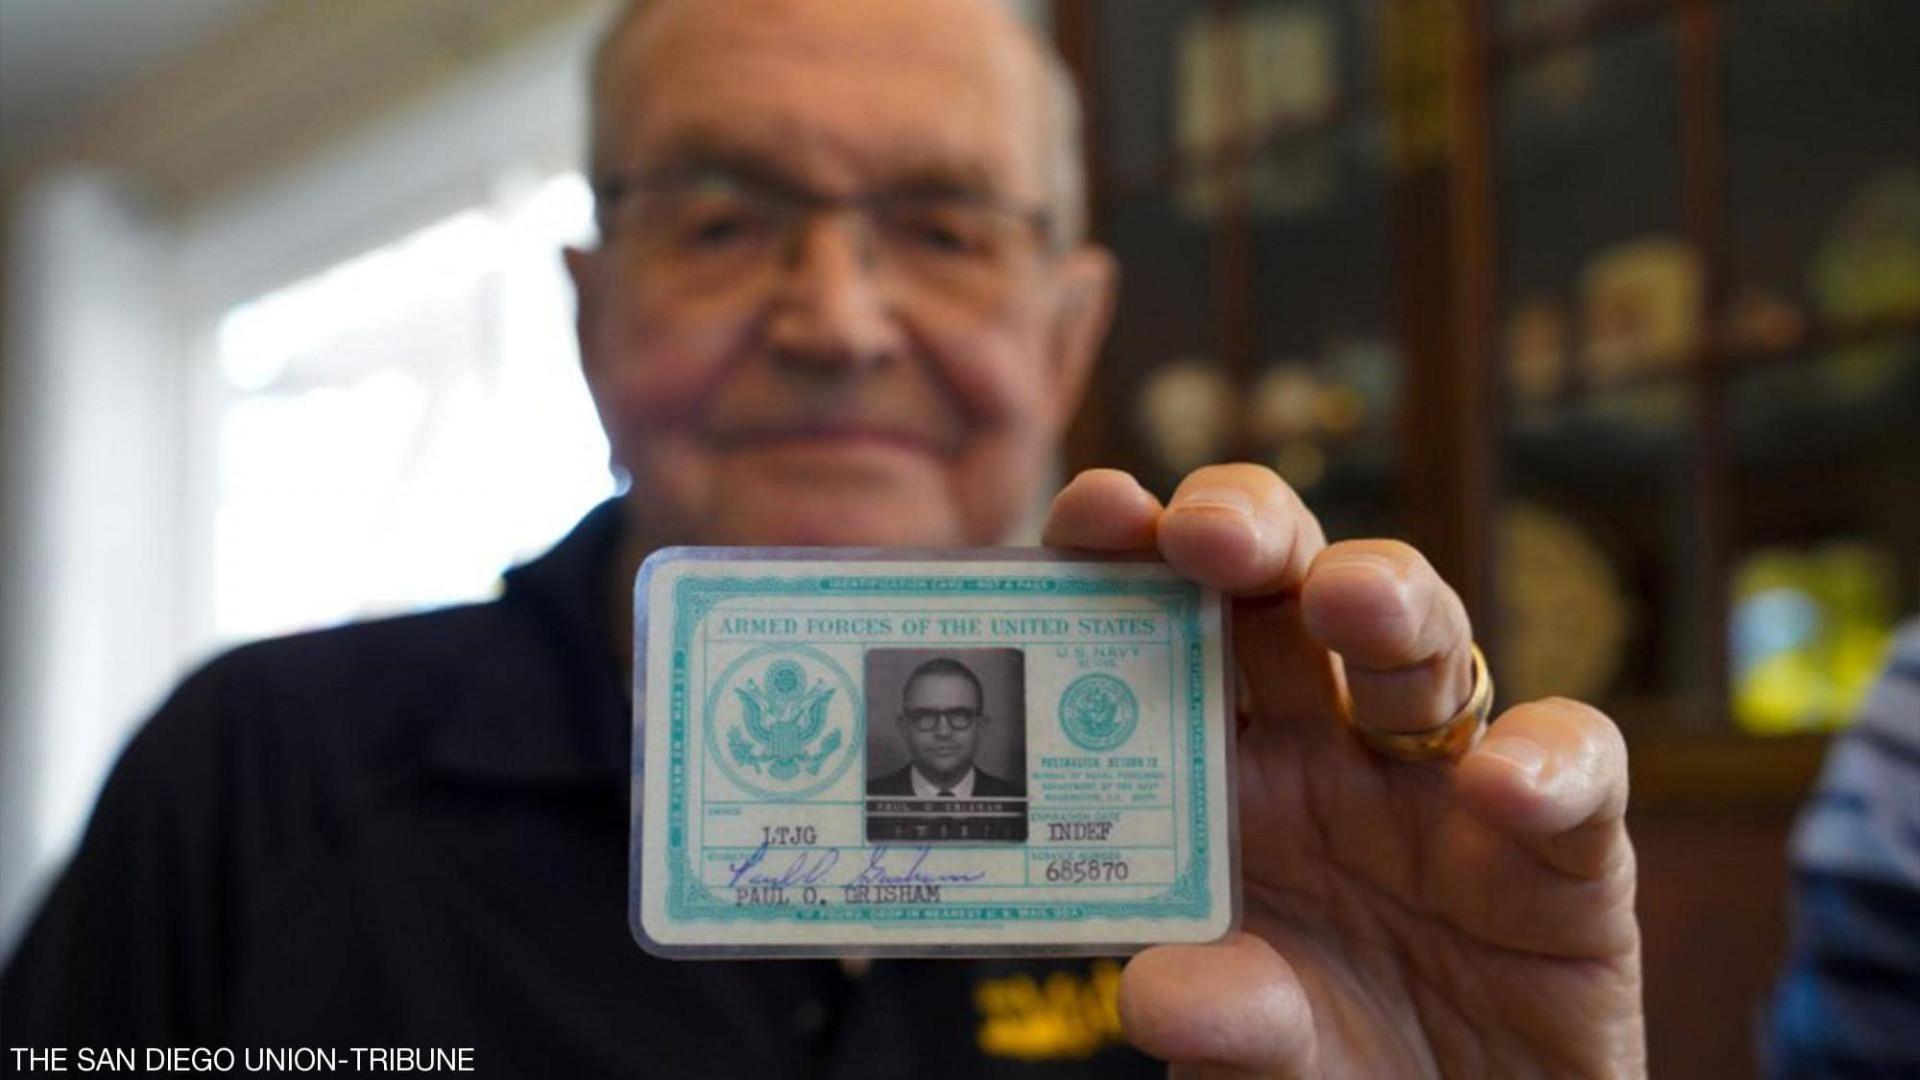 قصة لا تُصدق.. عادت إليه محفظته بعد 53 عاماً من فقدانها